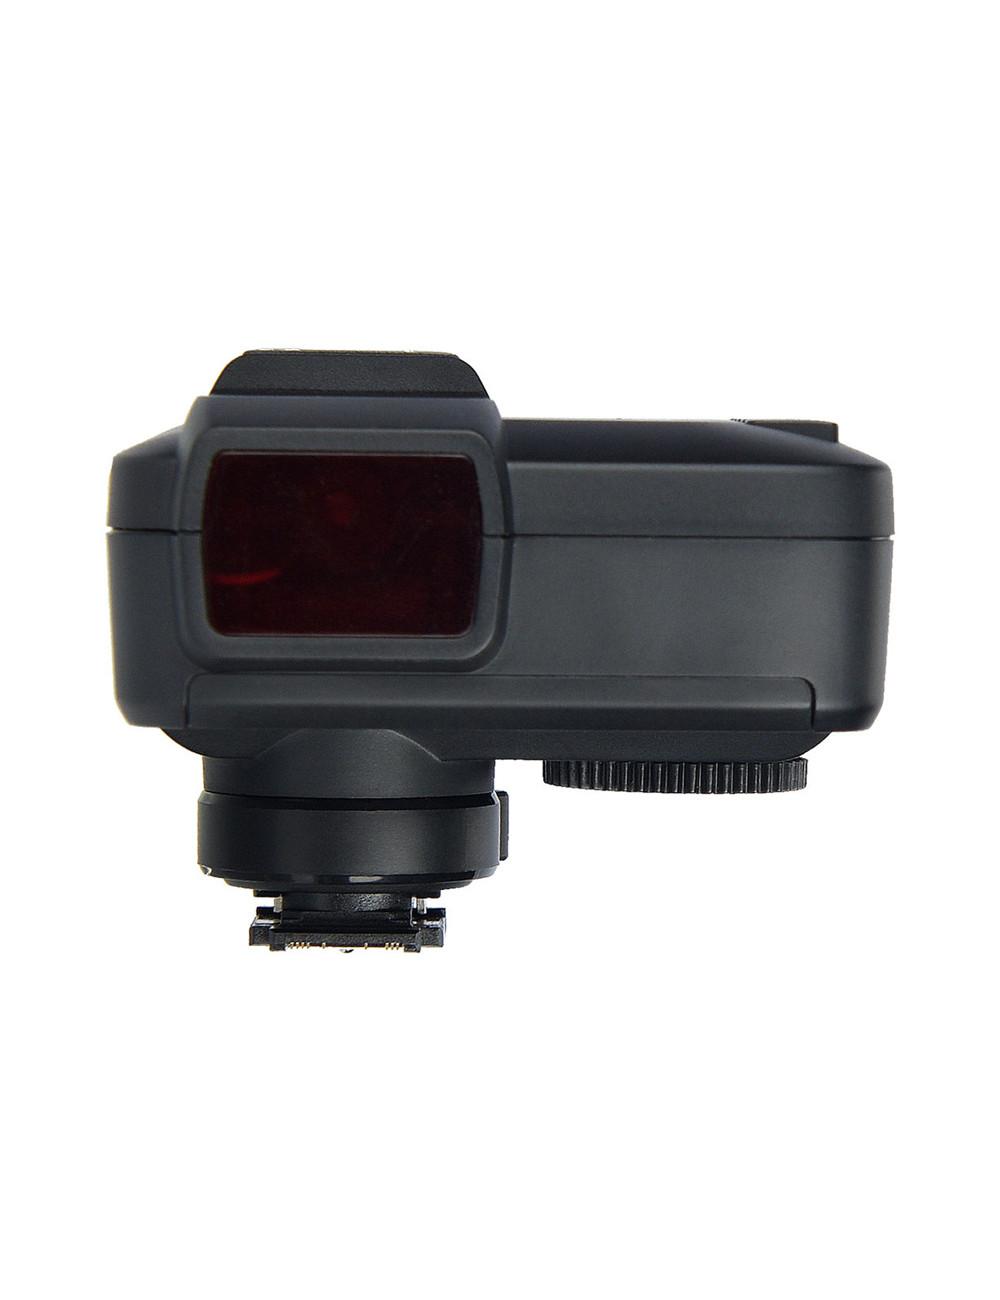 Lente Tamron para Canon 15-30mm F/2.8 Di VC USD G2 Zoom en Chile Apertura.cl